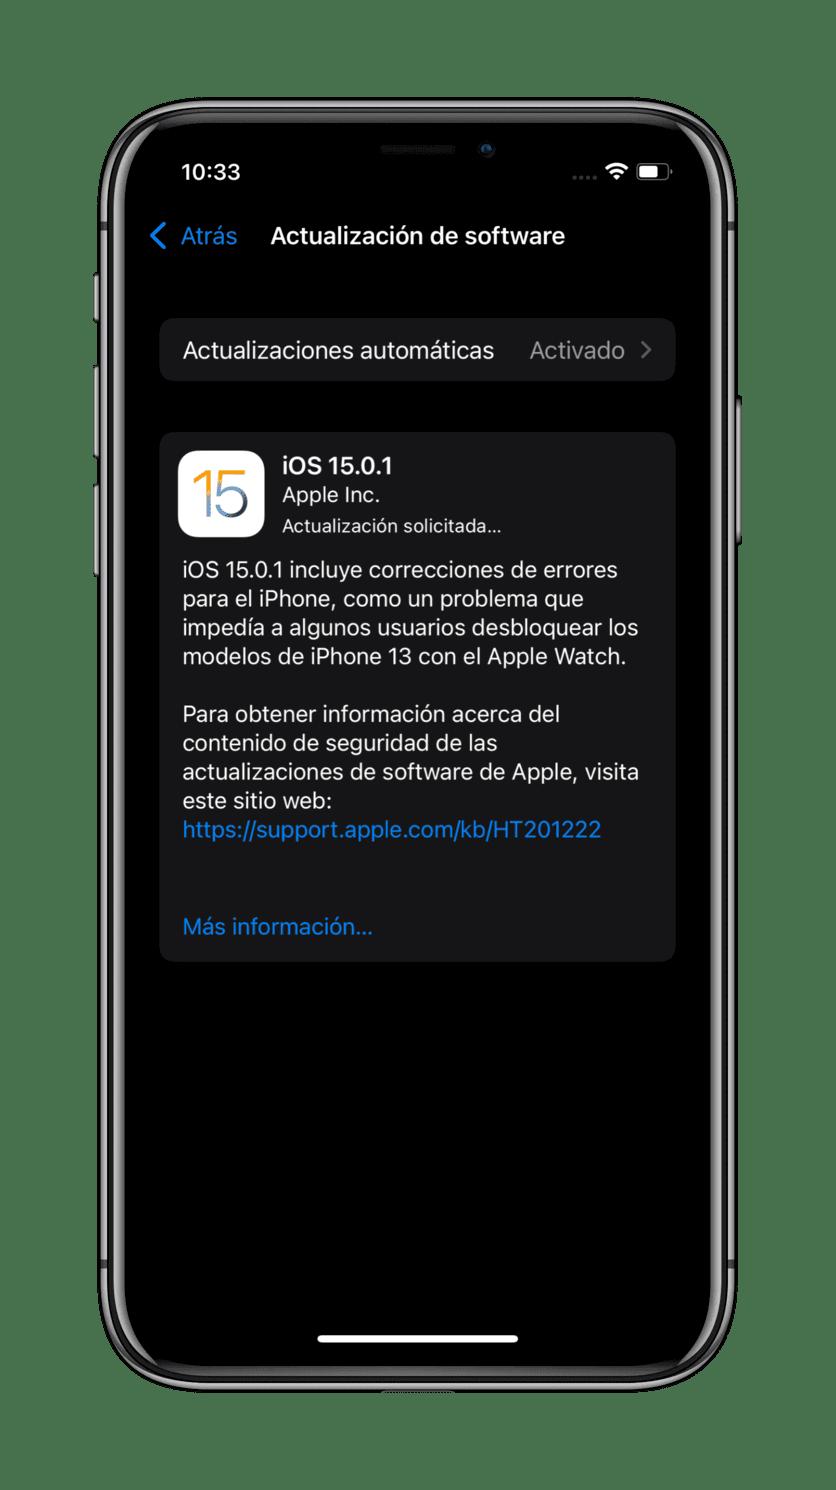 actualizacion-iOS-15.0.1